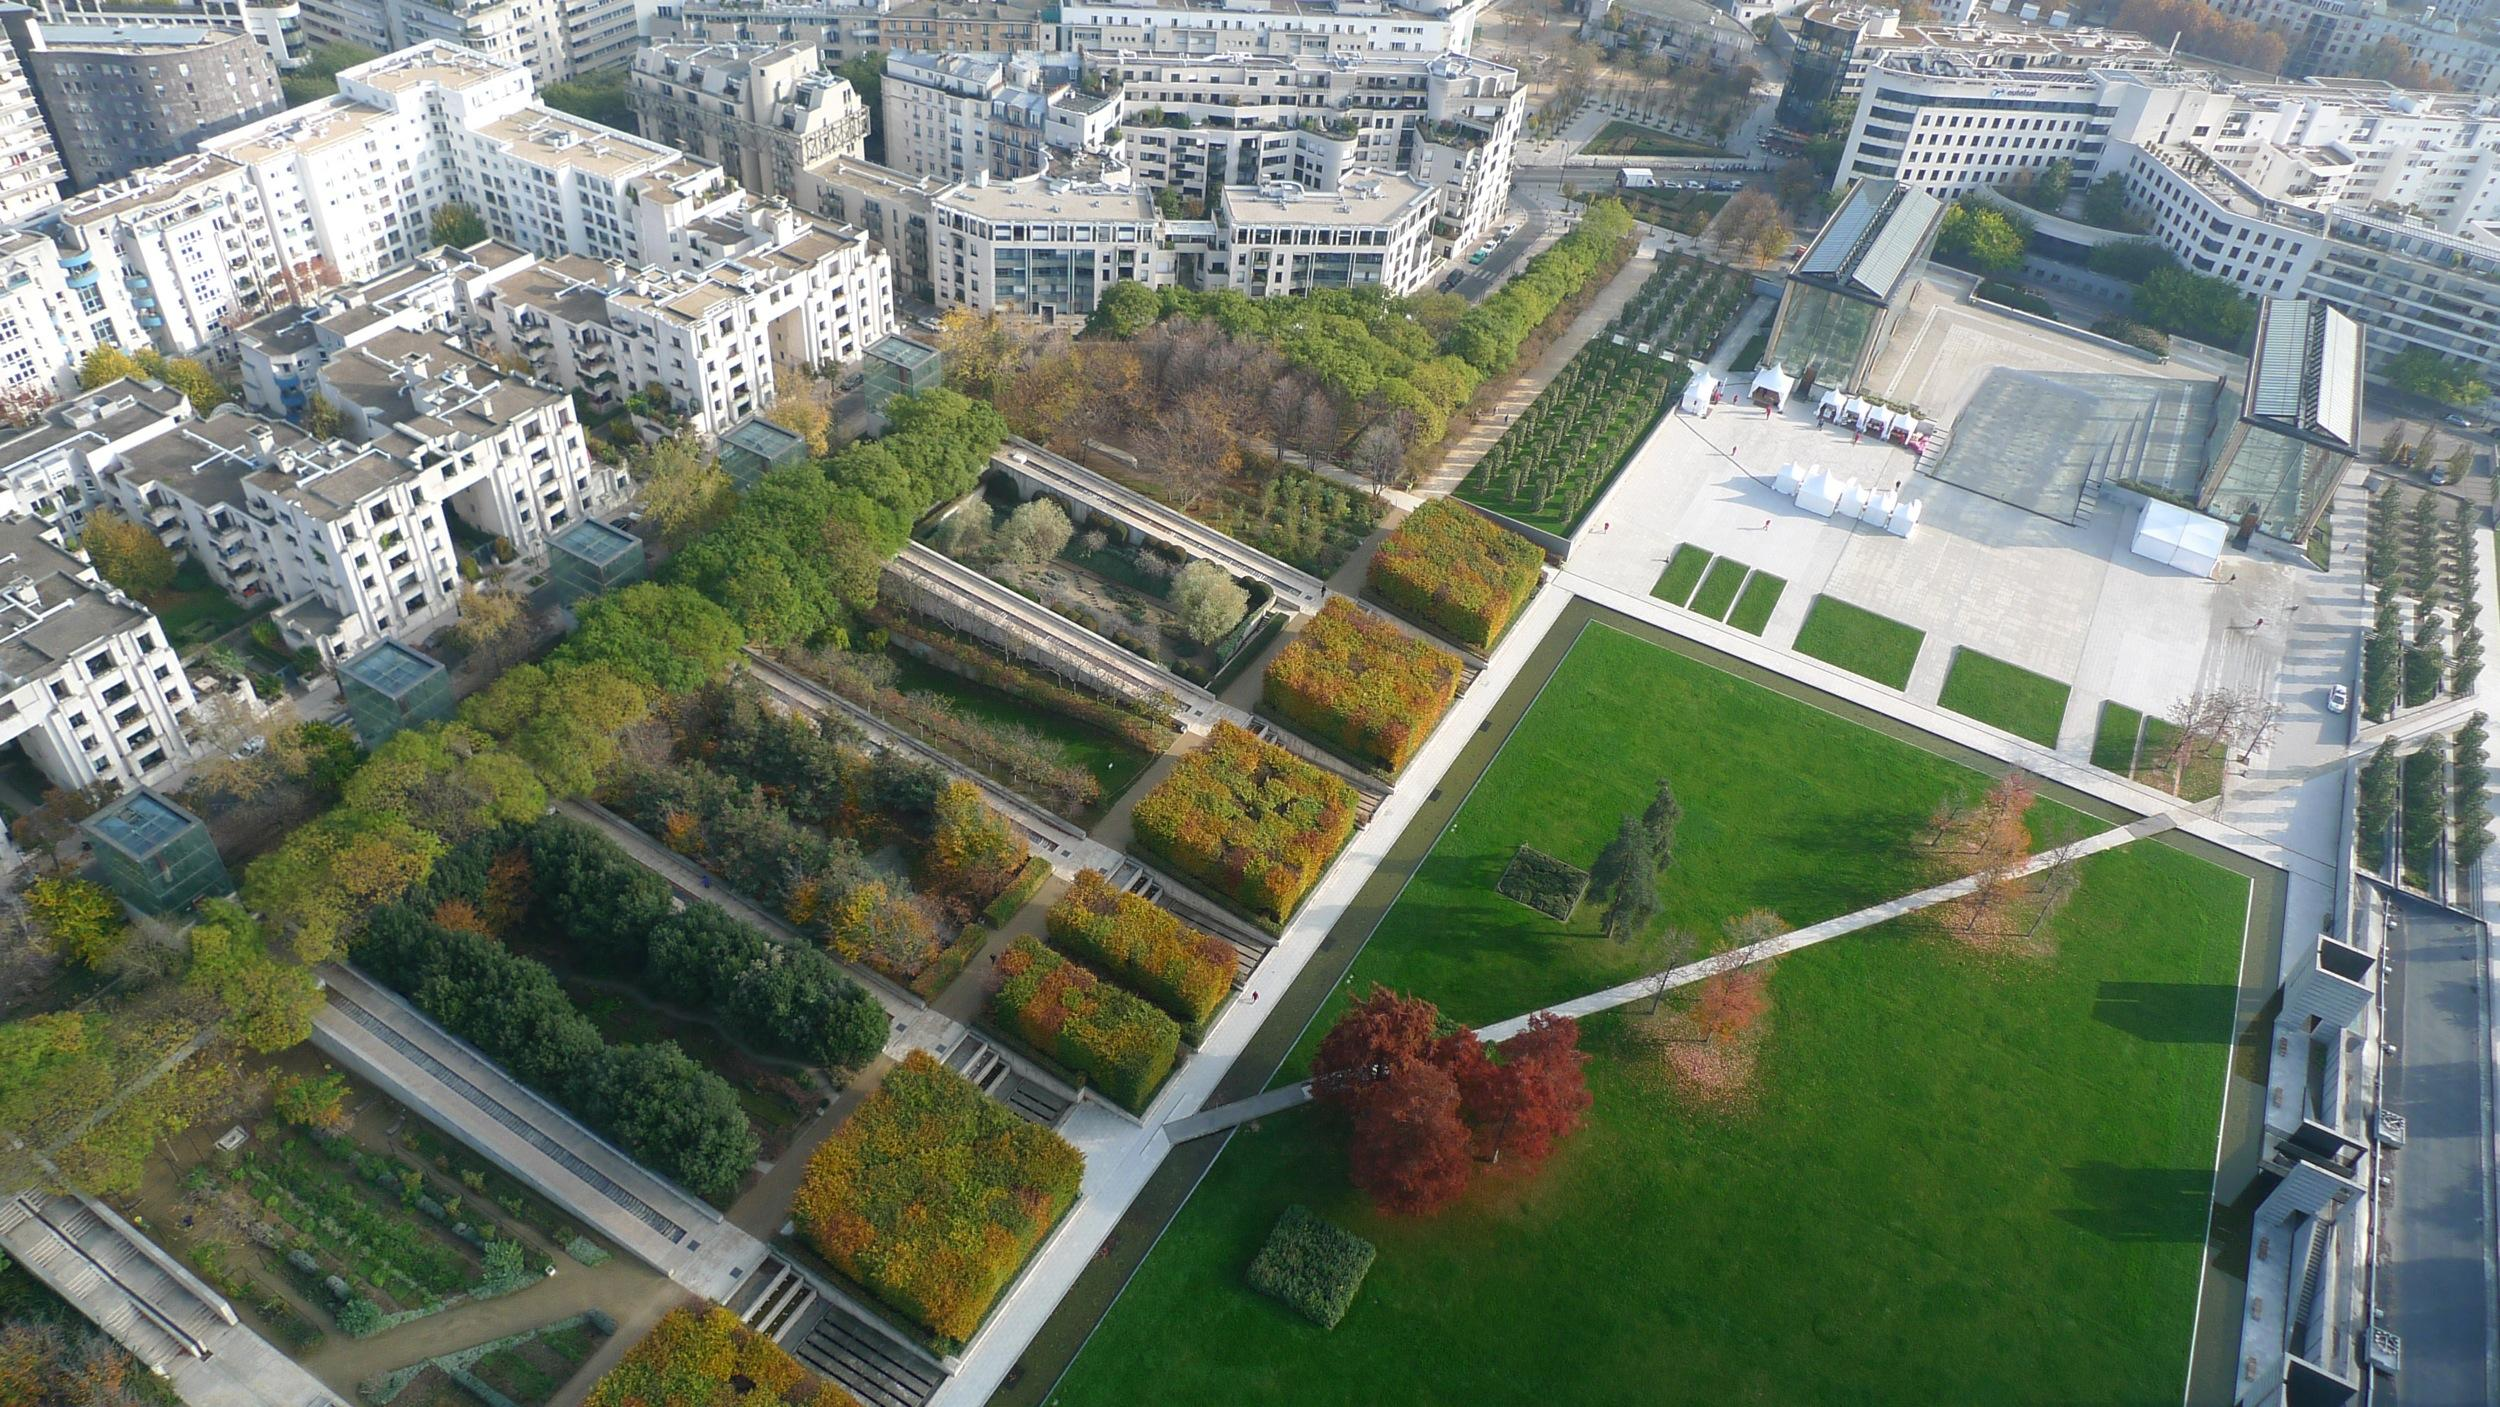 Parc André Citroën; admire Paris from above